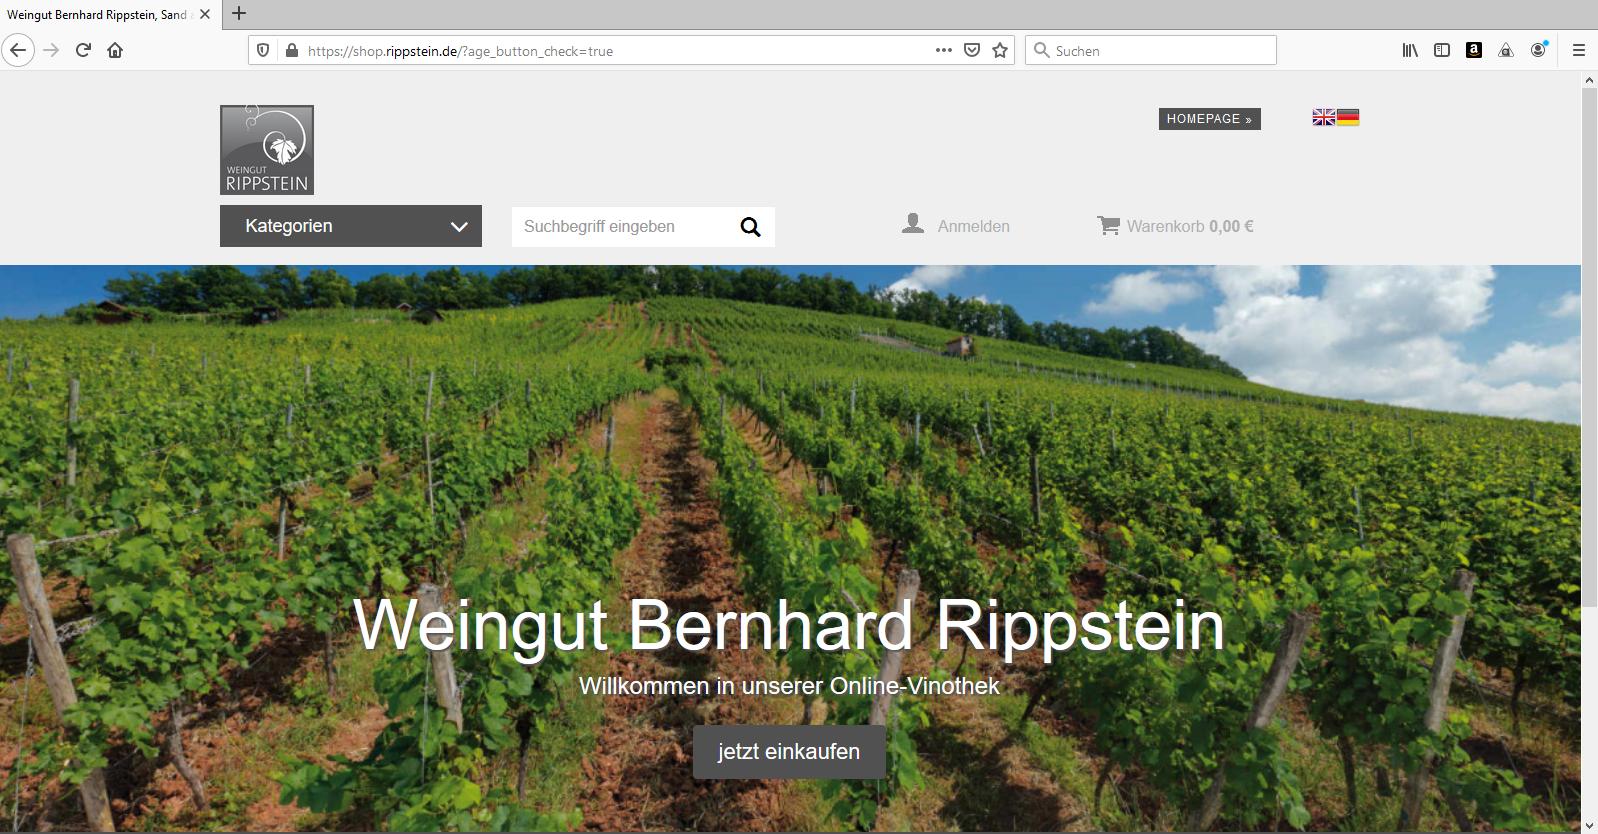 Online-Shop Weingut Bernhard Rippstein